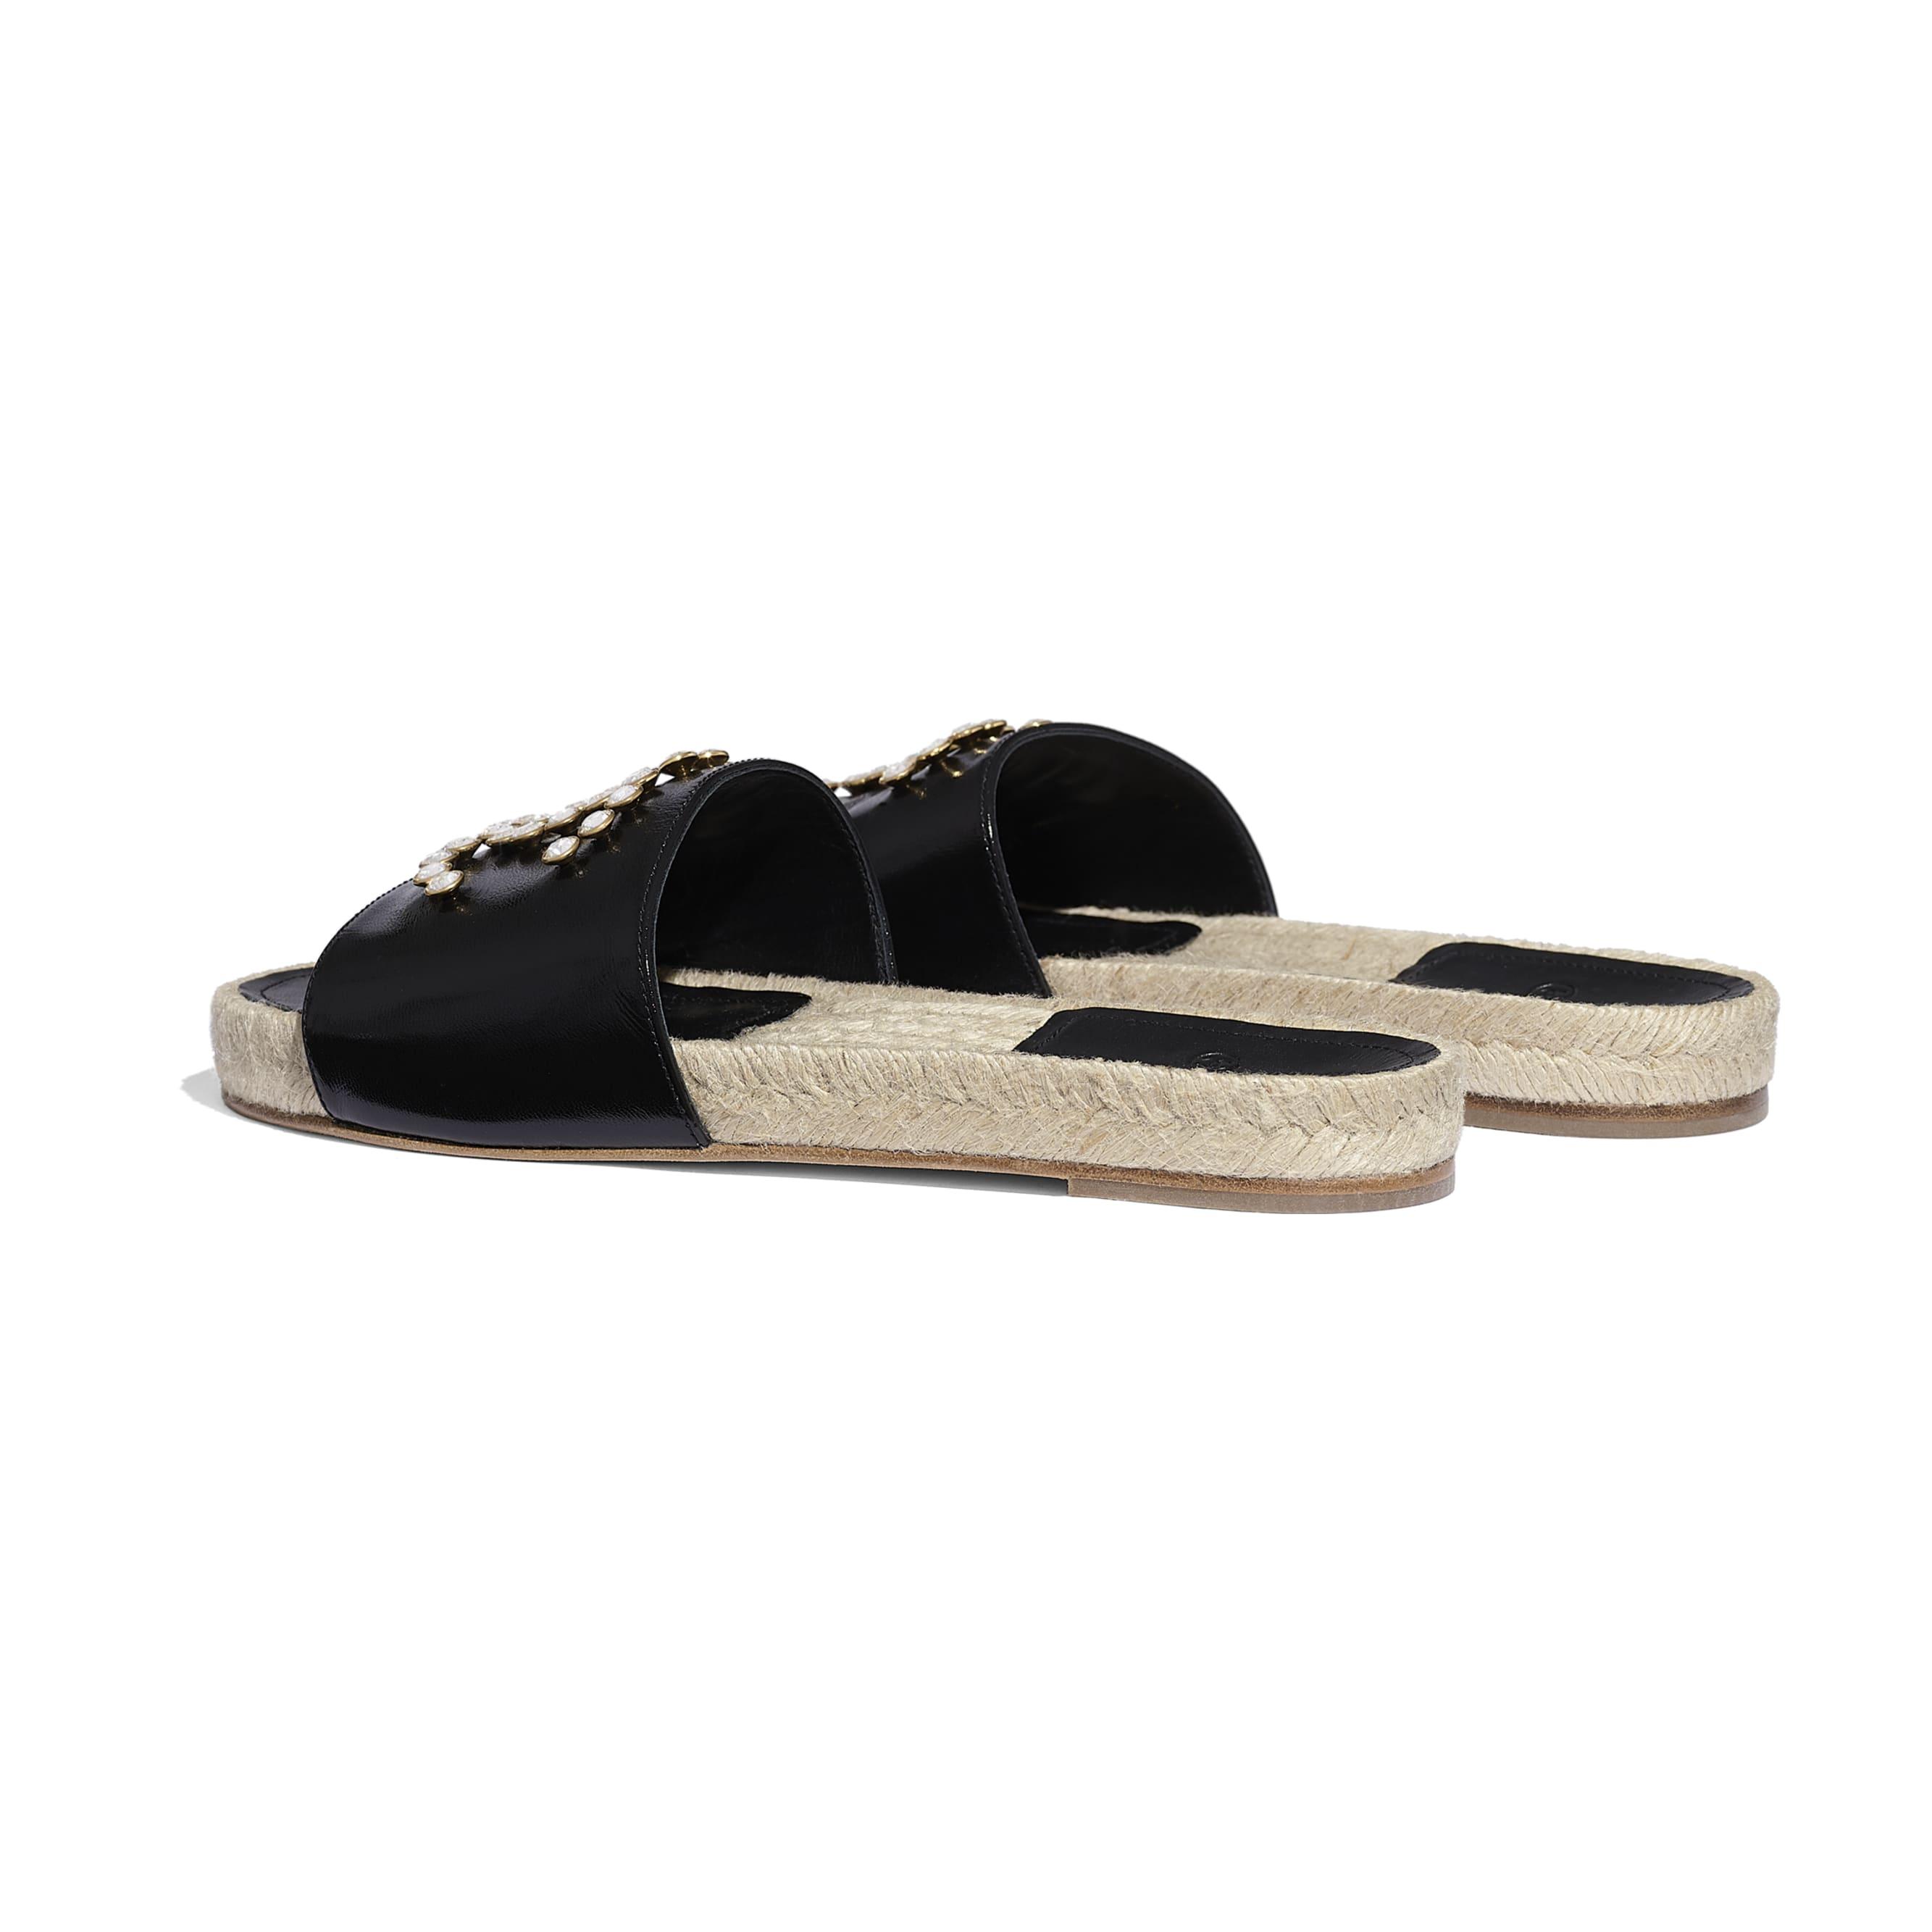 蜜兒拖鞋 - 黑 - 小牛漆皮 - 其他視圖 - 查看標準尺寸版本